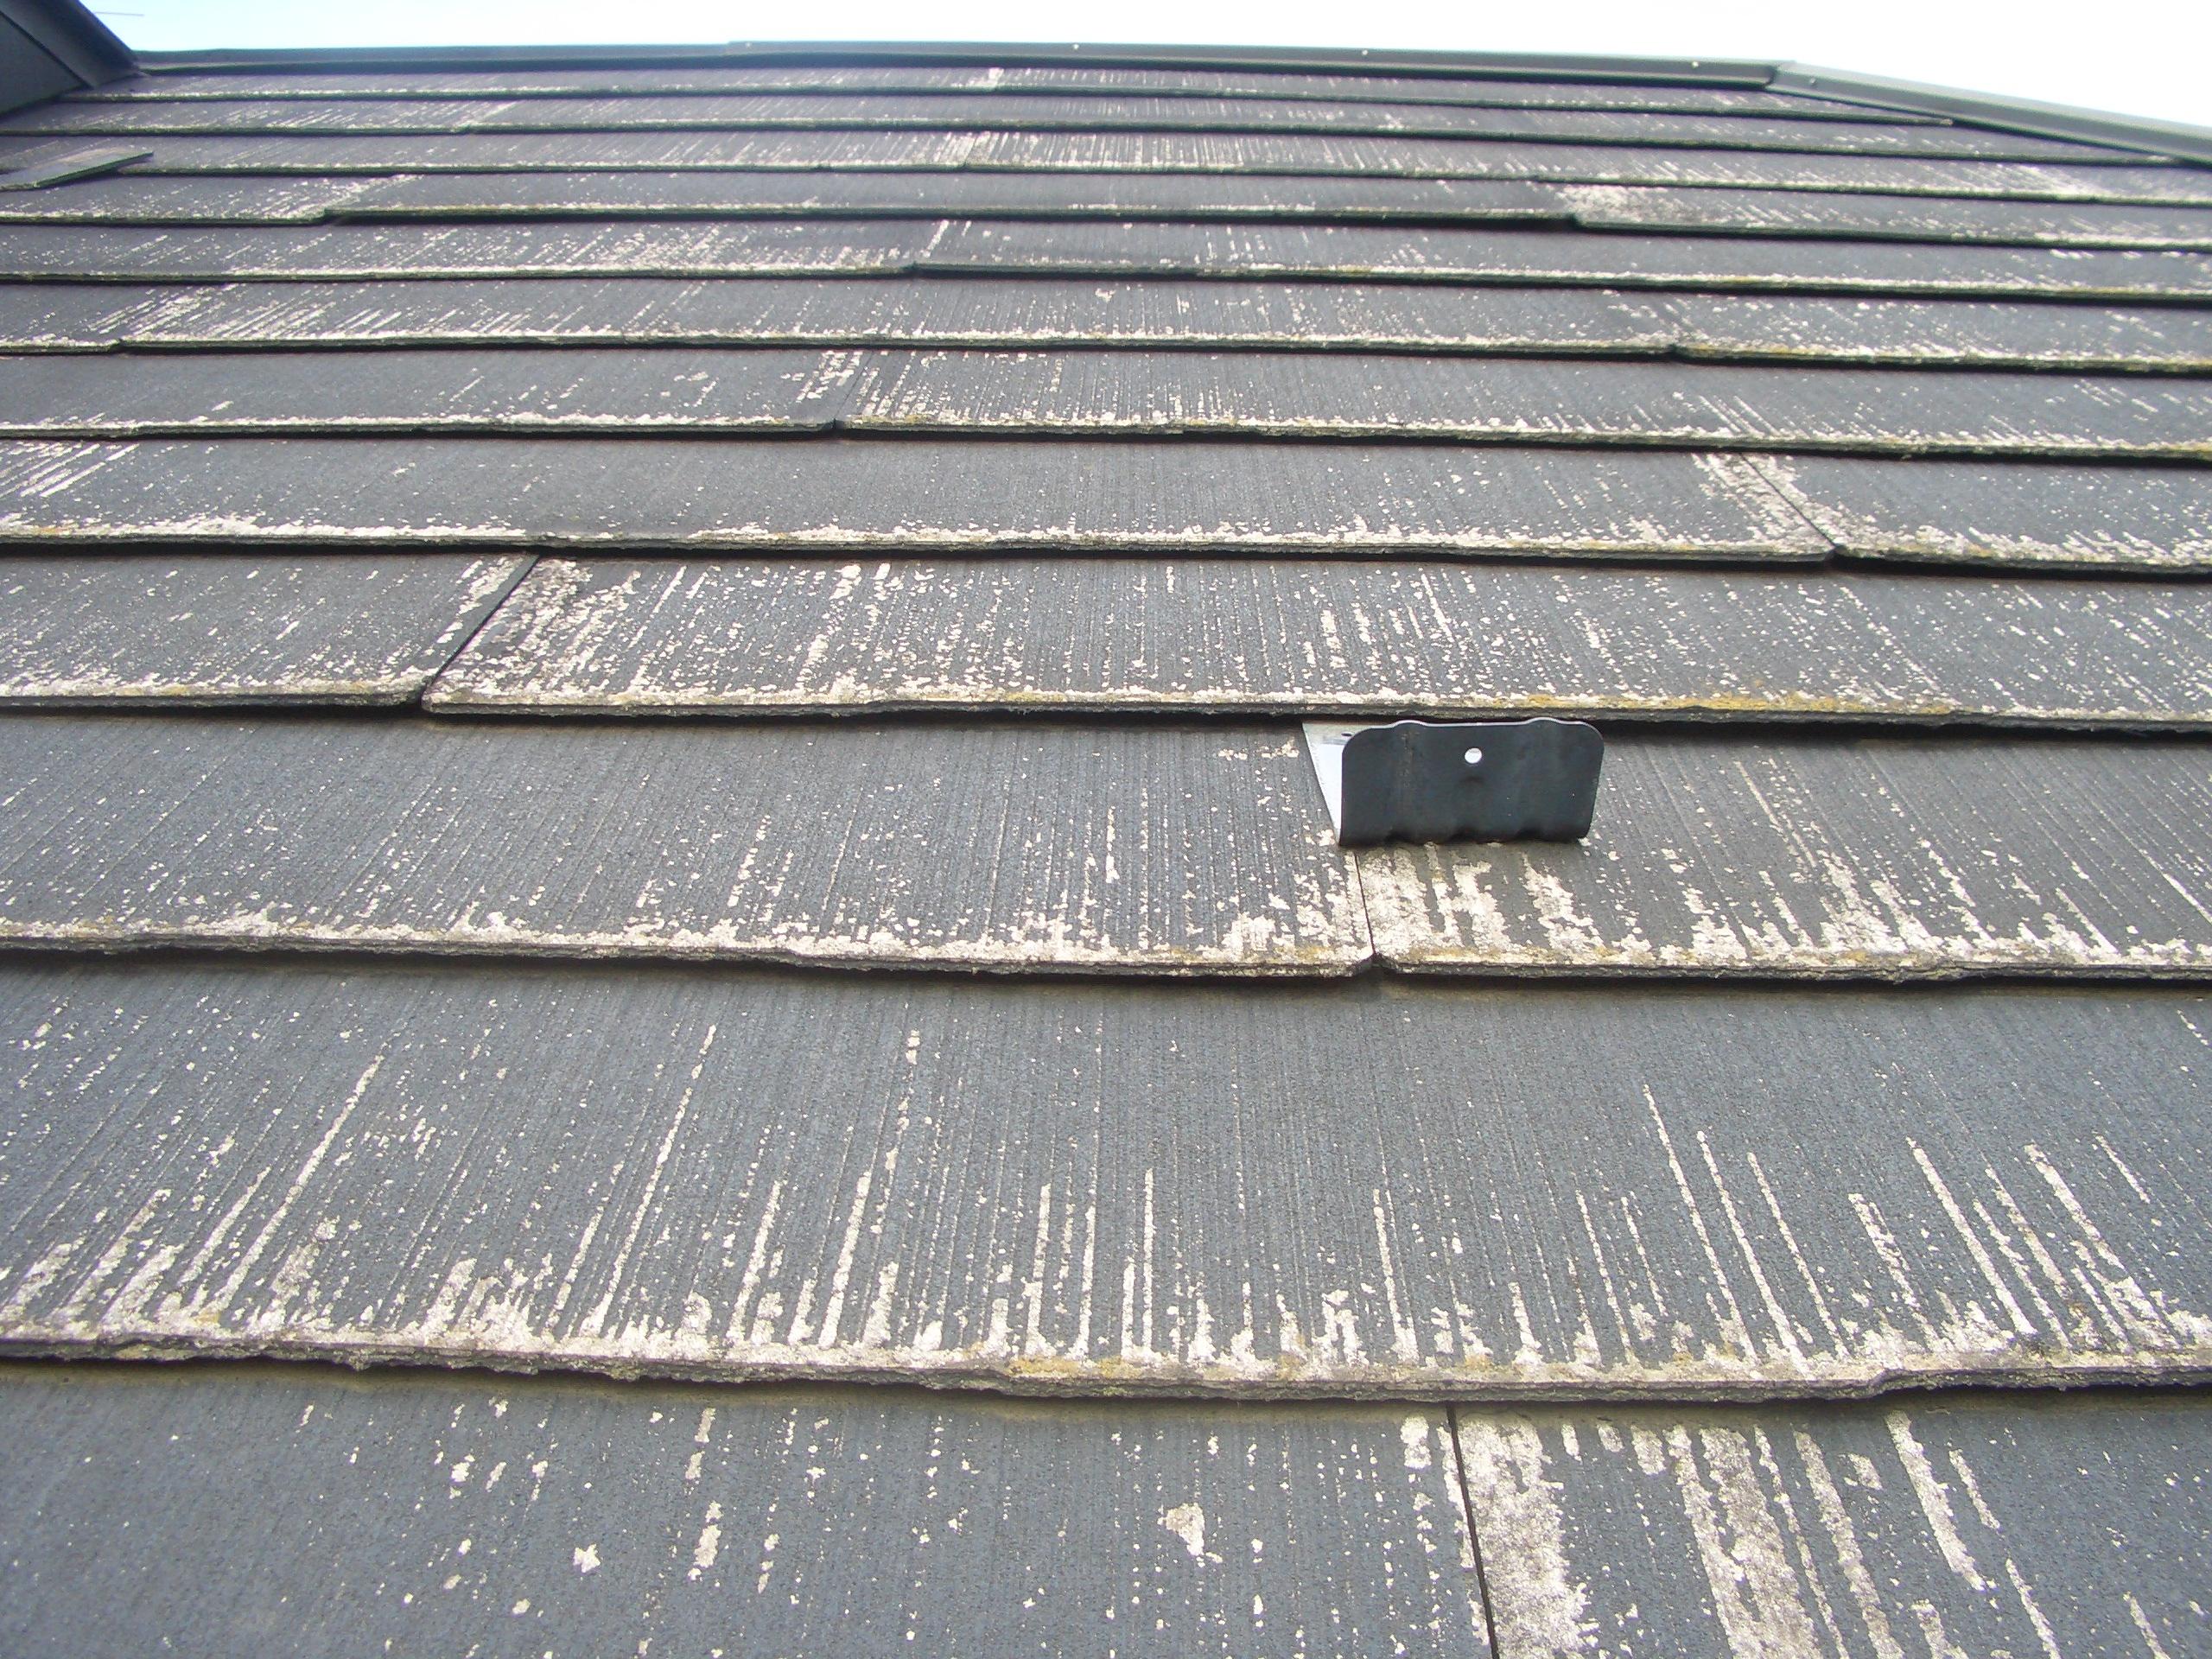 スレート重なり部の隙間が空いている屋根